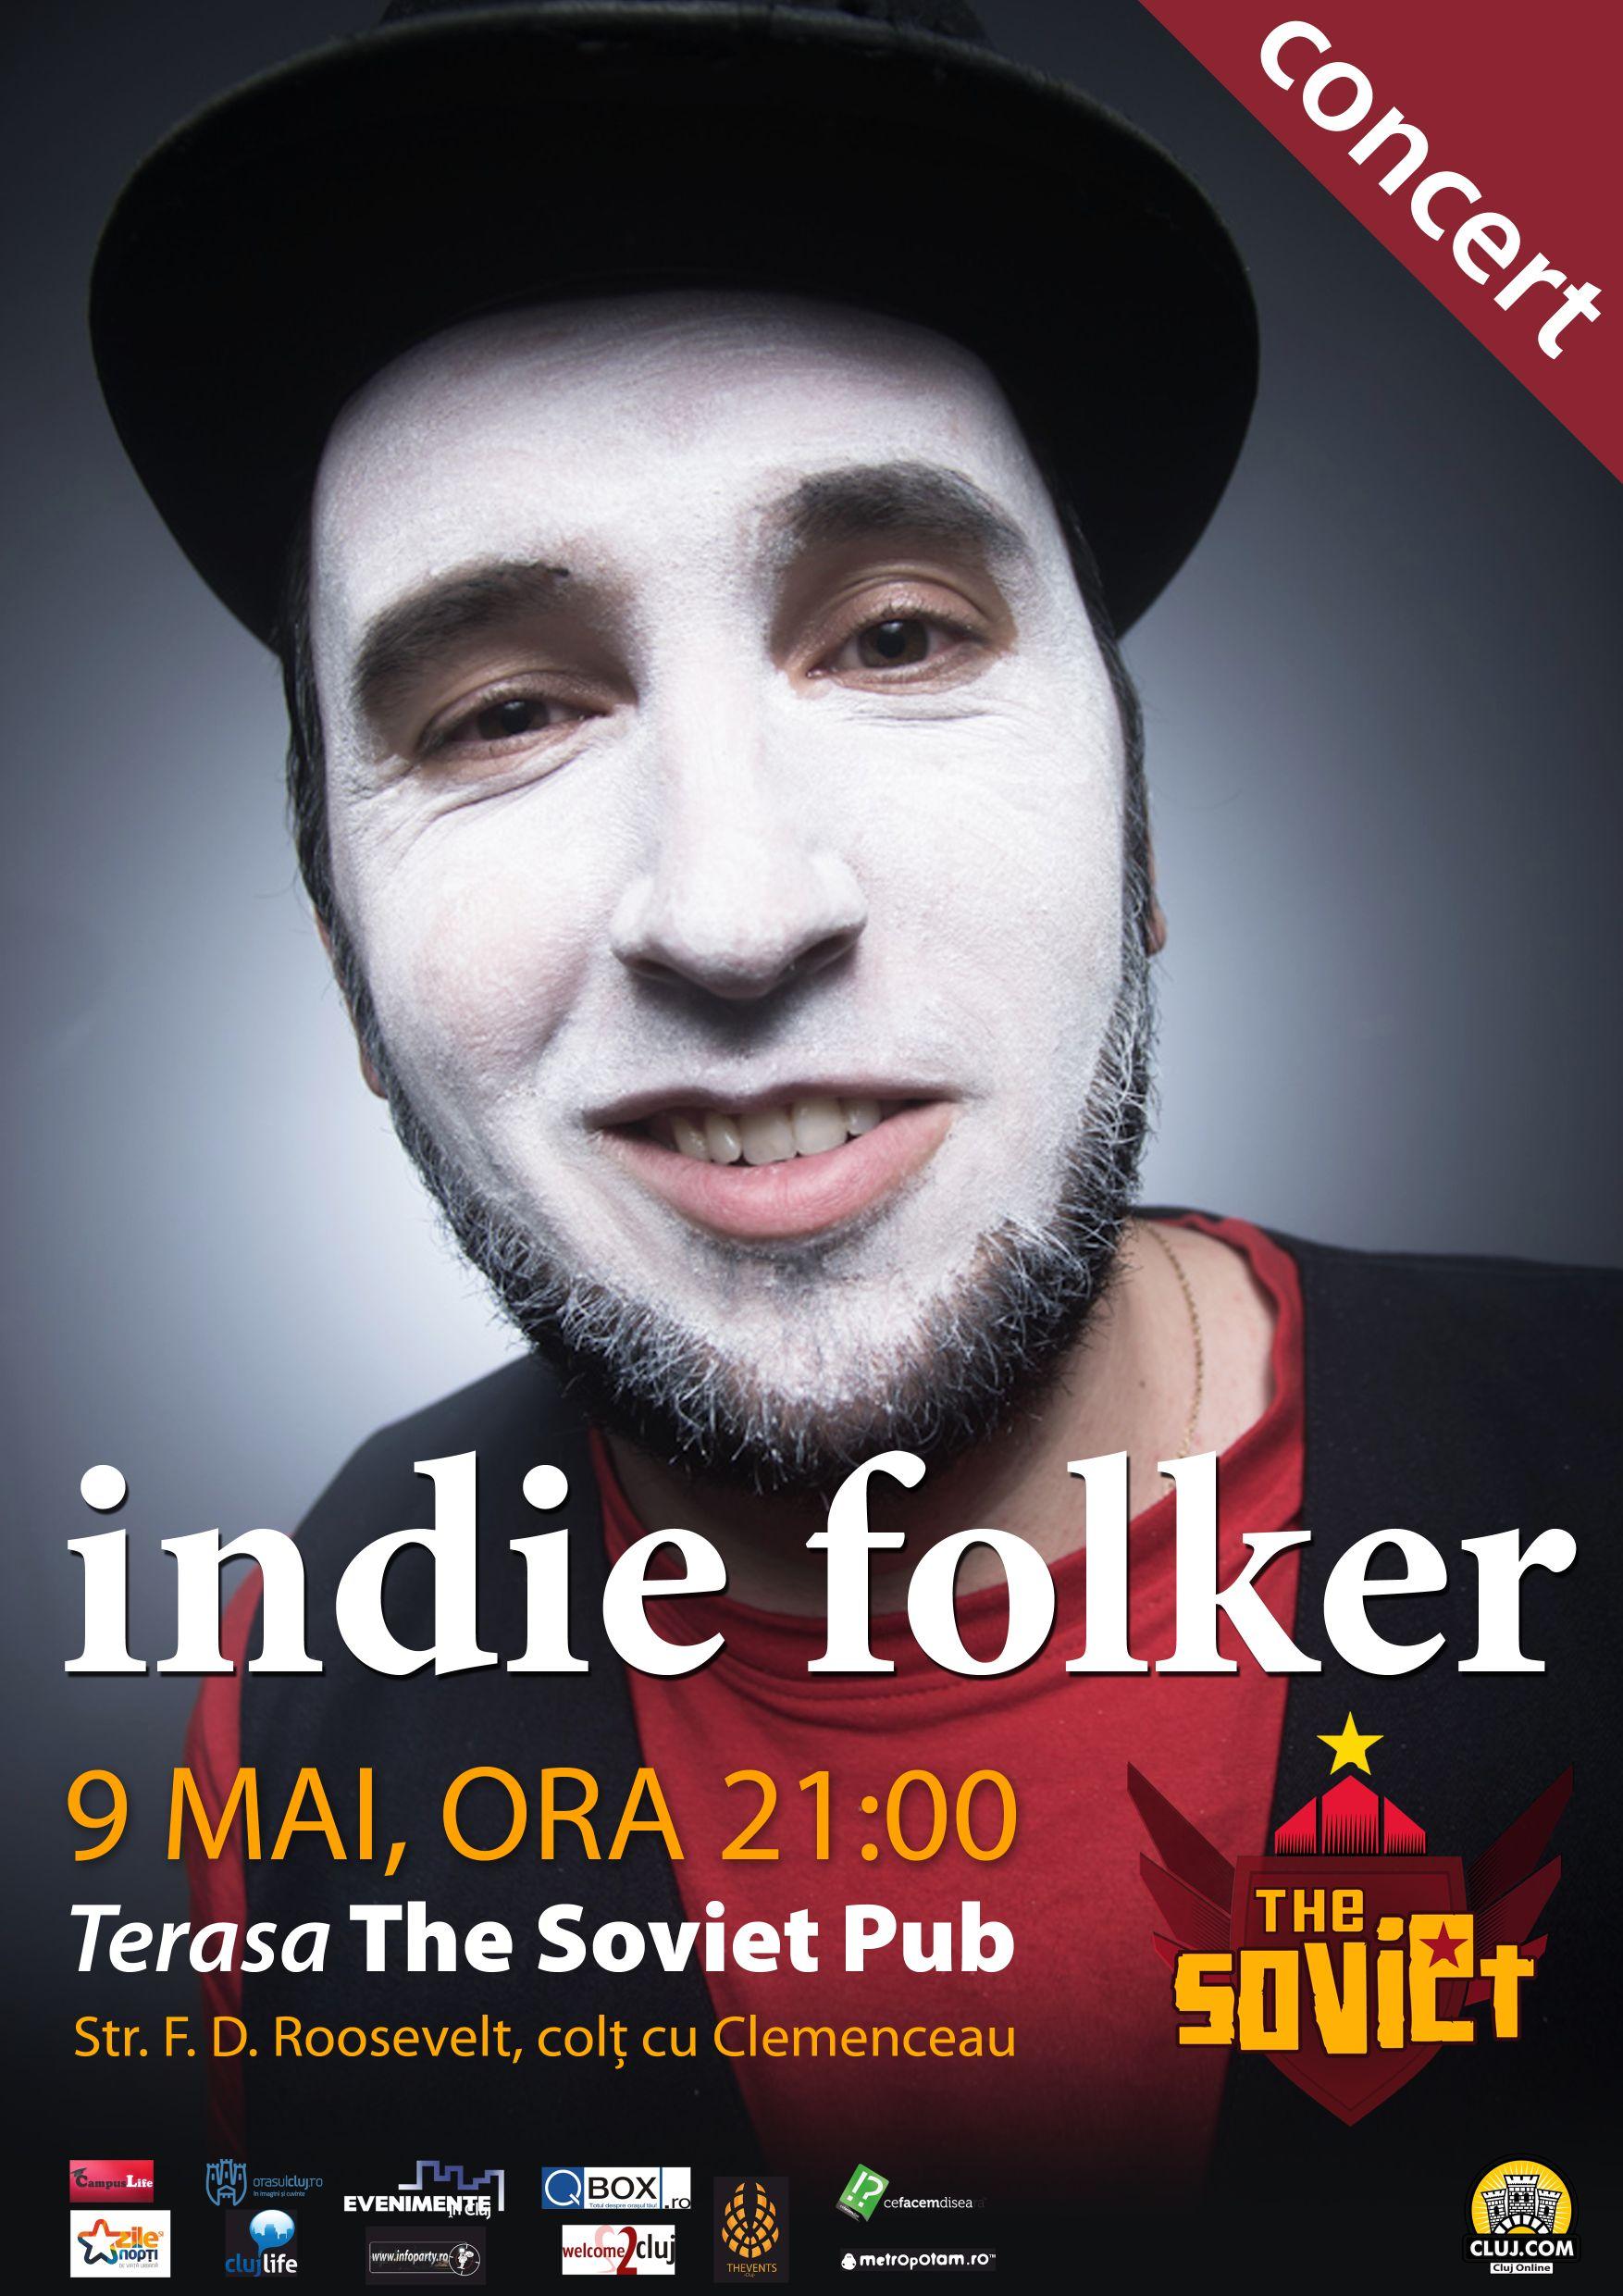 Indie Folker @ The Soviet